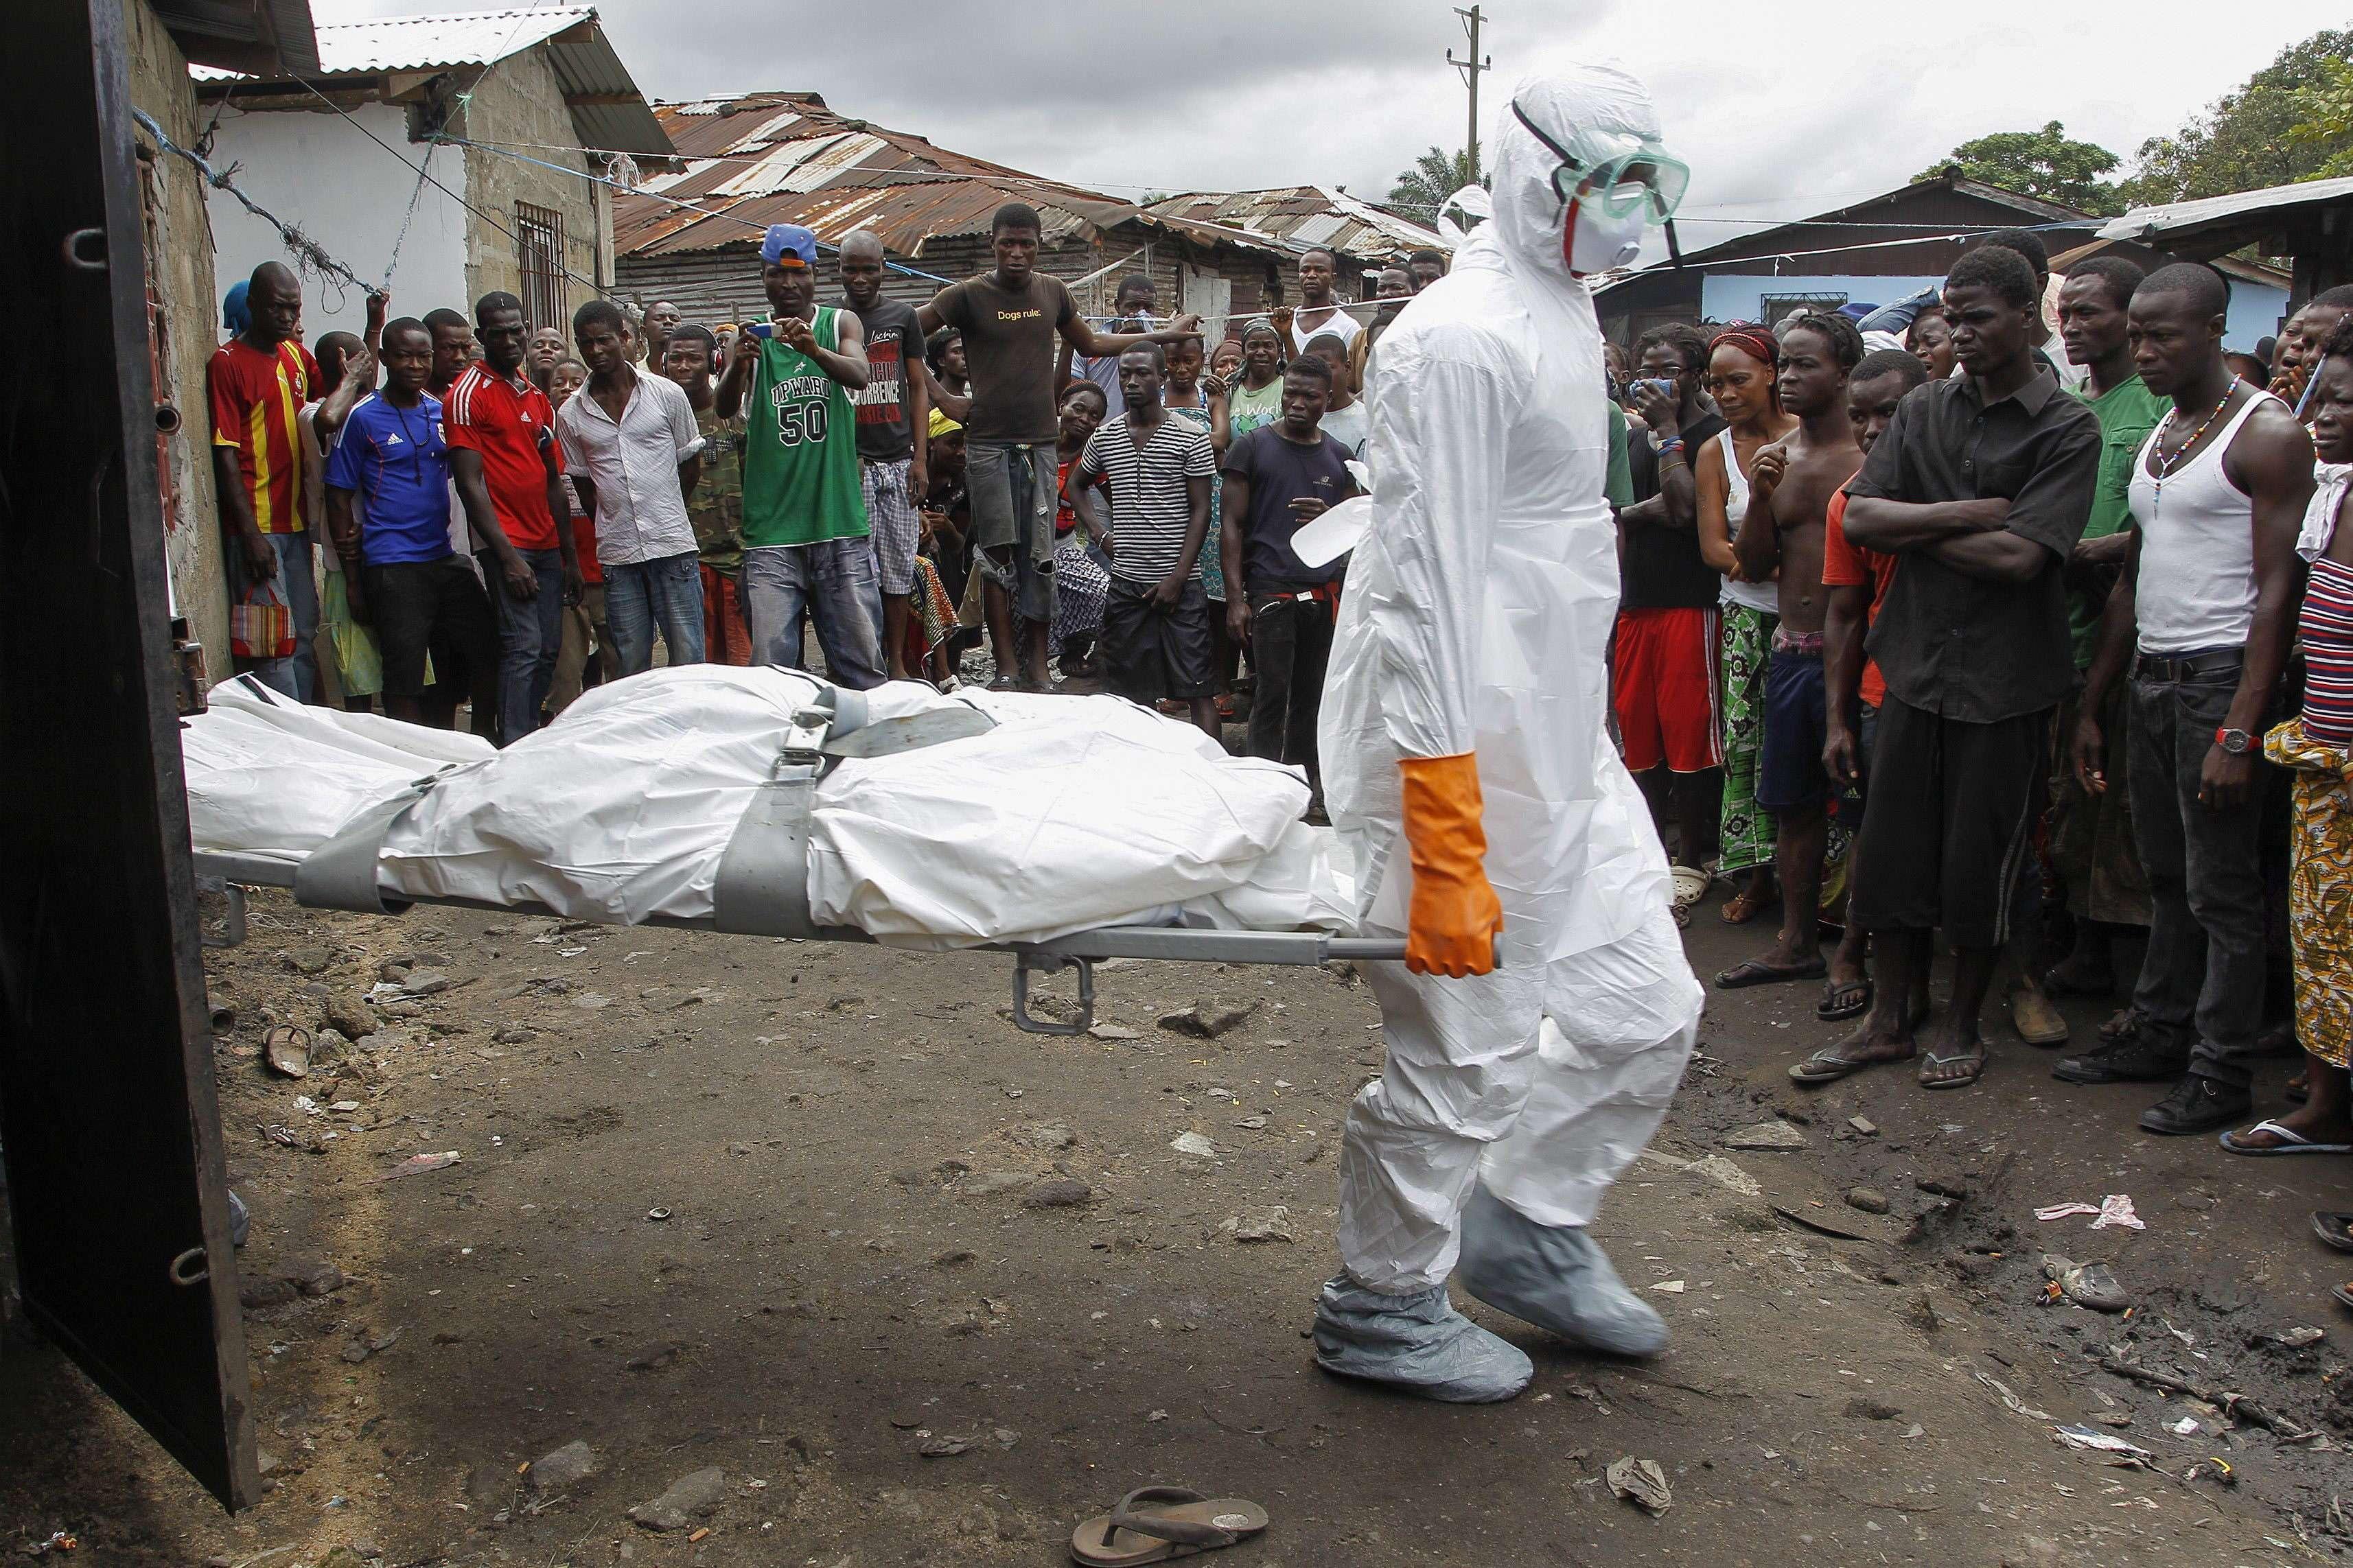 El actual brote de ébola ha causado ya la muerte de más de 3.000 personas. Foto: EFE en español